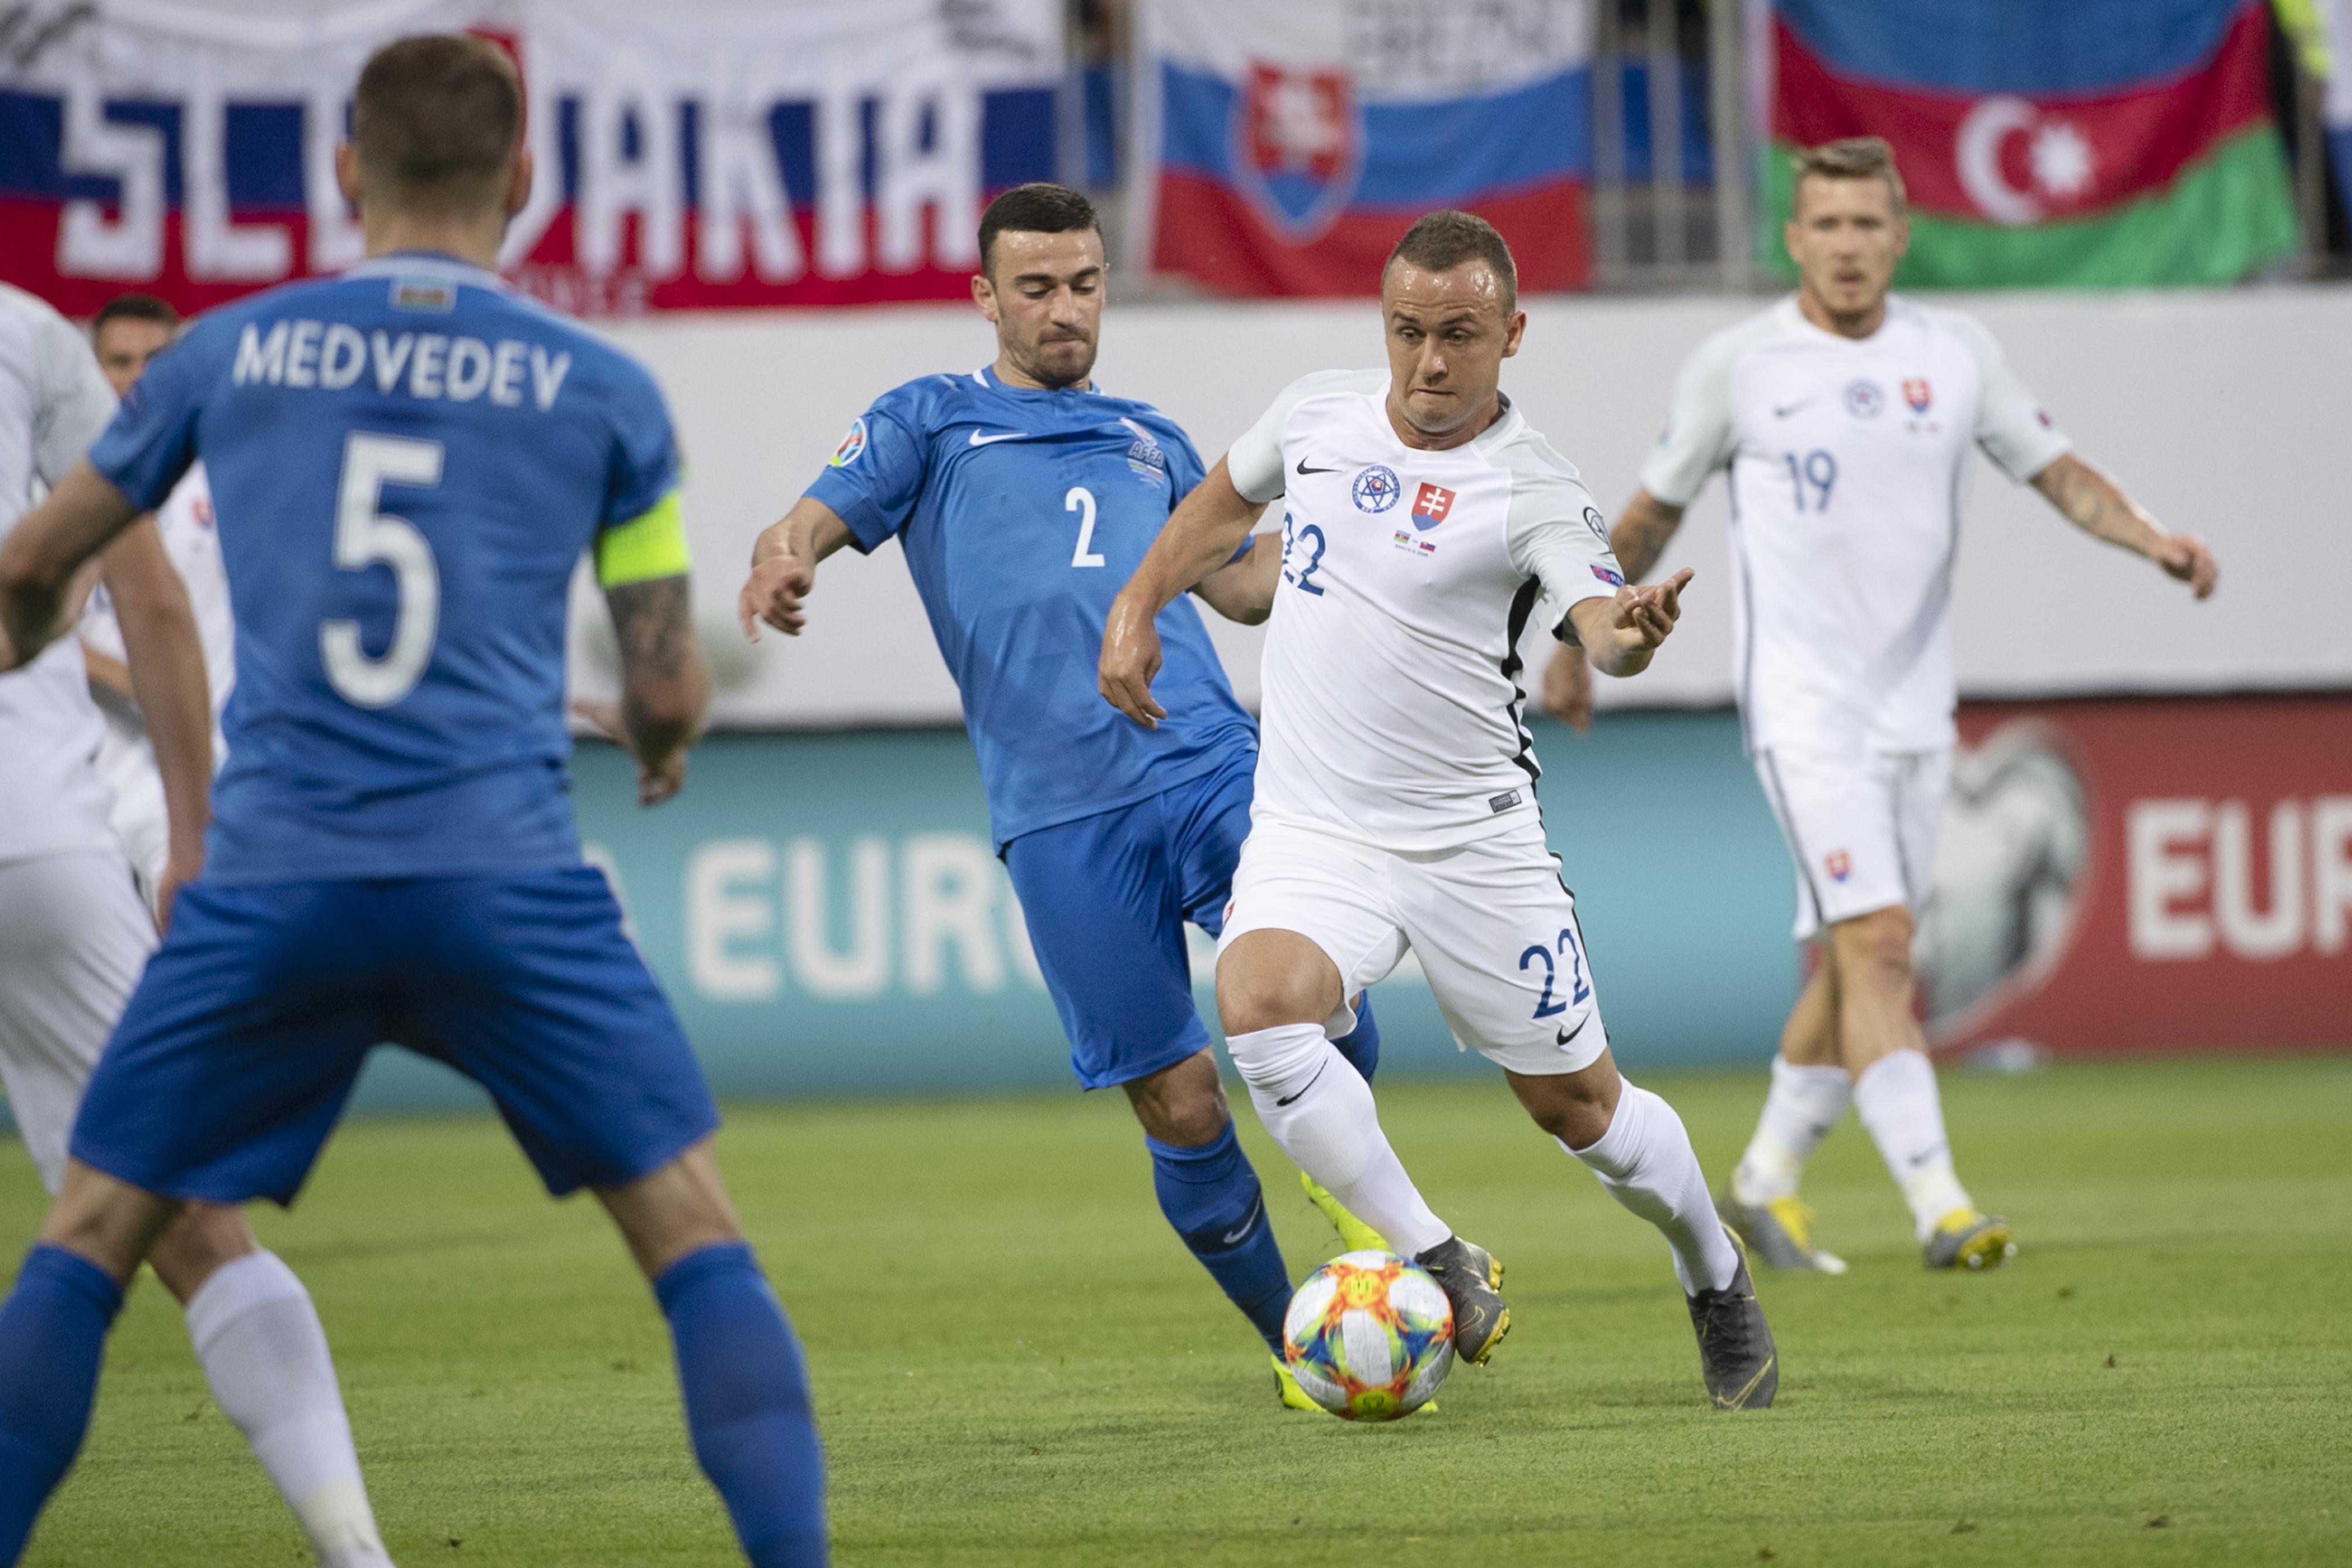 4ff4267930c1a Slovenskí futbaloví reprezentanti zvíťazili v azerbajdžanskom Baku nad  domácim národným tímom 5:1 v utorňajšom dueli kvalifikácie o postup na  budúcoročné ...